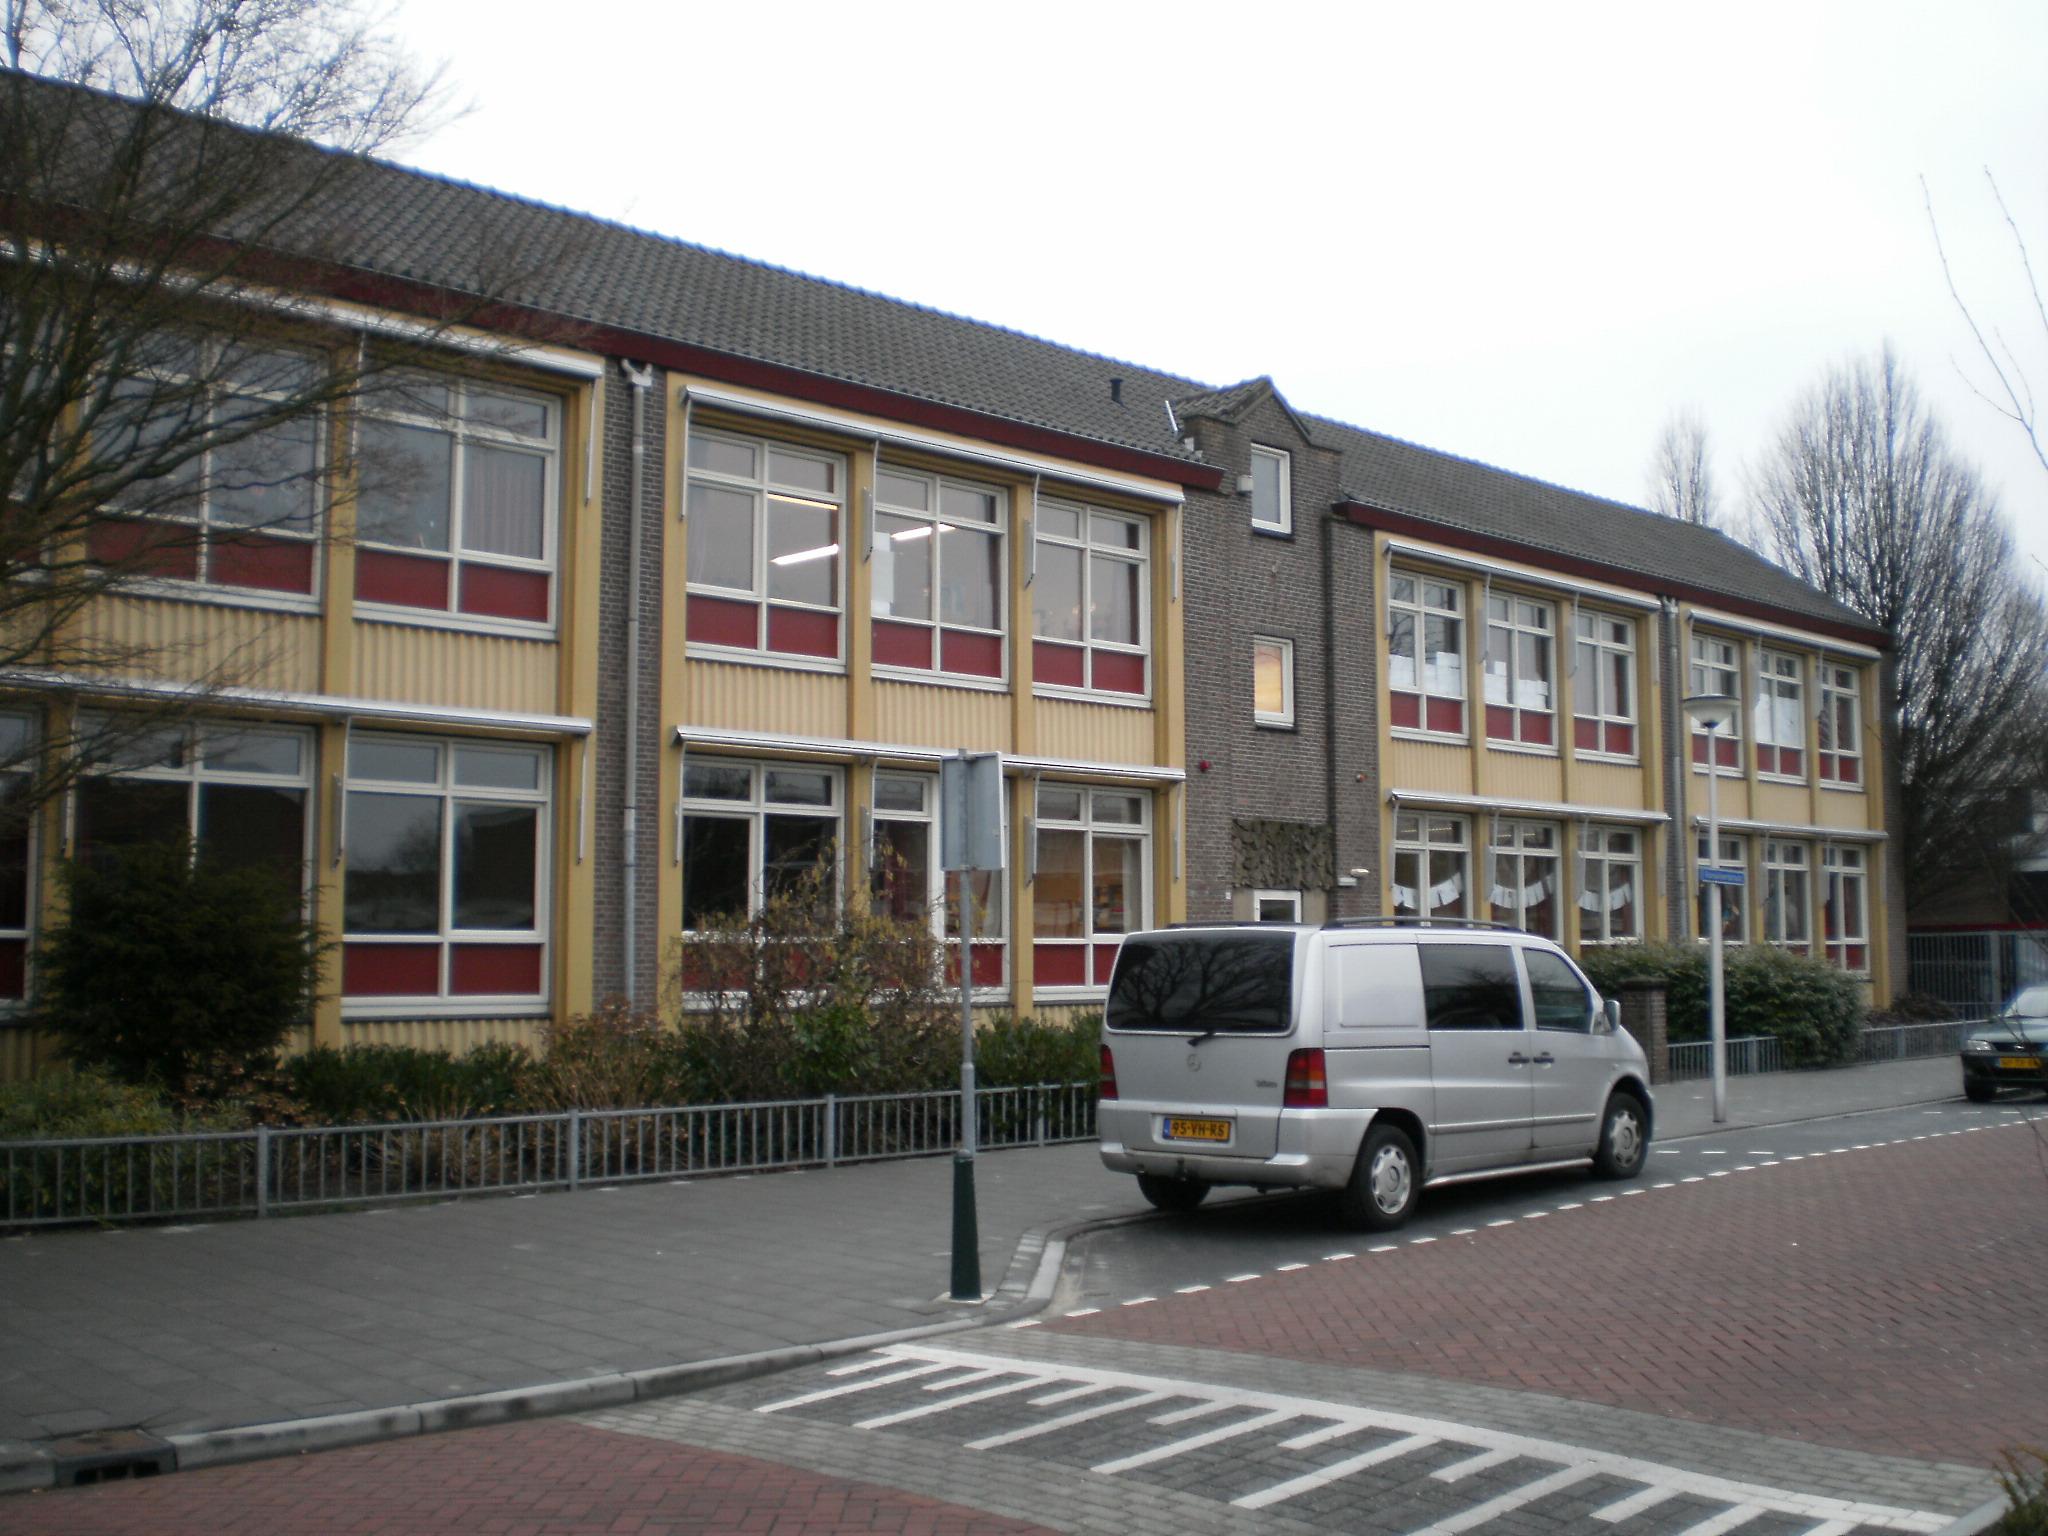 Basisschool De Vier Heemskinderen